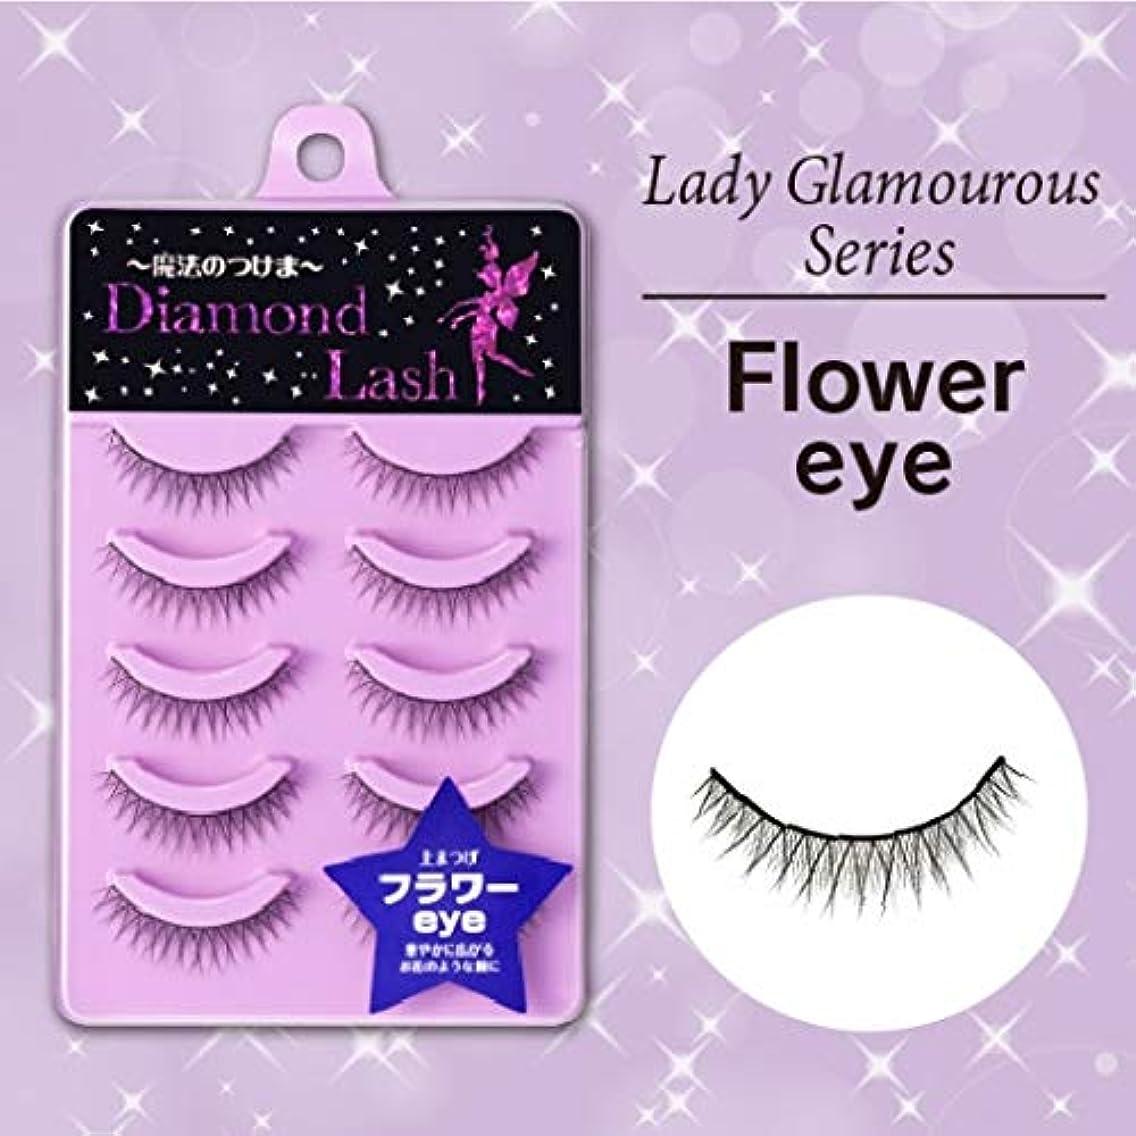 チャップ修道院炎上Diamond Lash(ダイヤモンドラッシュ) レディグラマスシリーズ フラワーeye